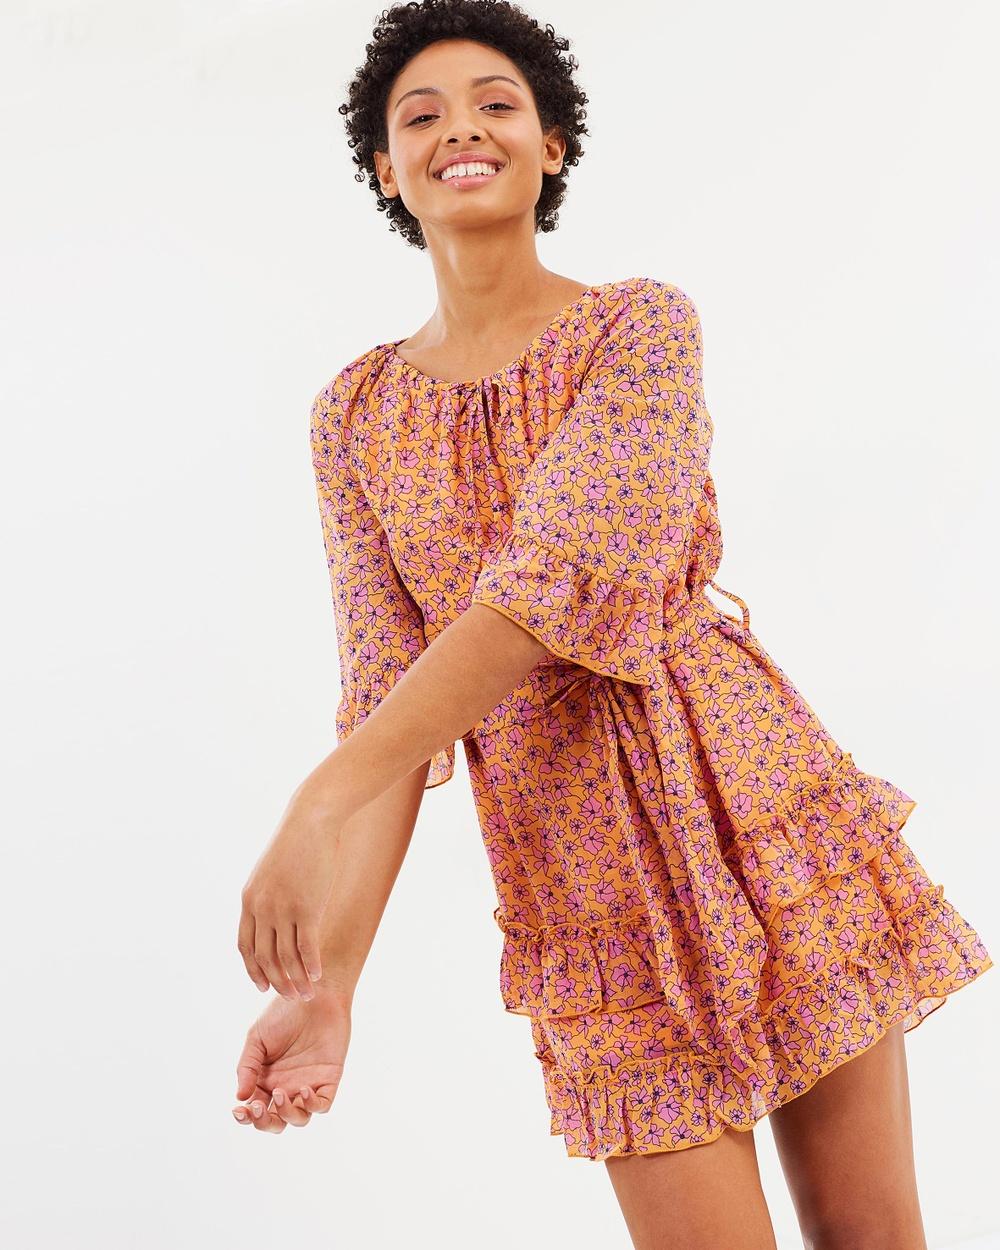 Vero Moda Karina 3 4 Dress Dresses Papaya Karina 3-4 Dress